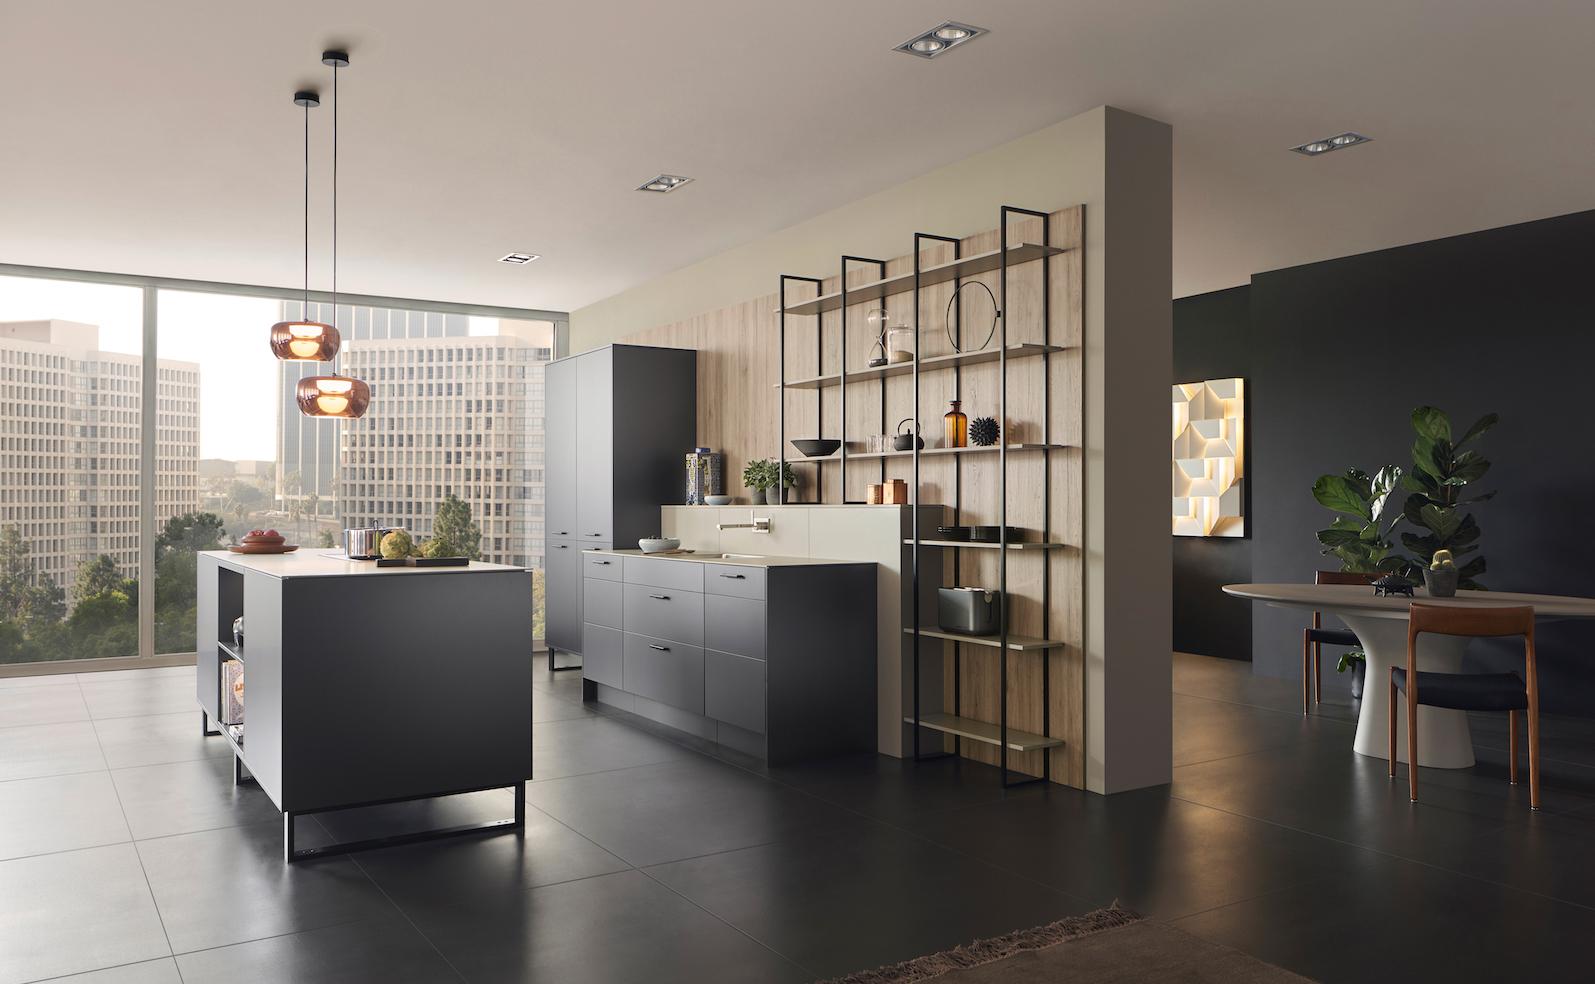 Küchentrends 2020: Diese Farben, Materialien und Geräte sind im Kommen